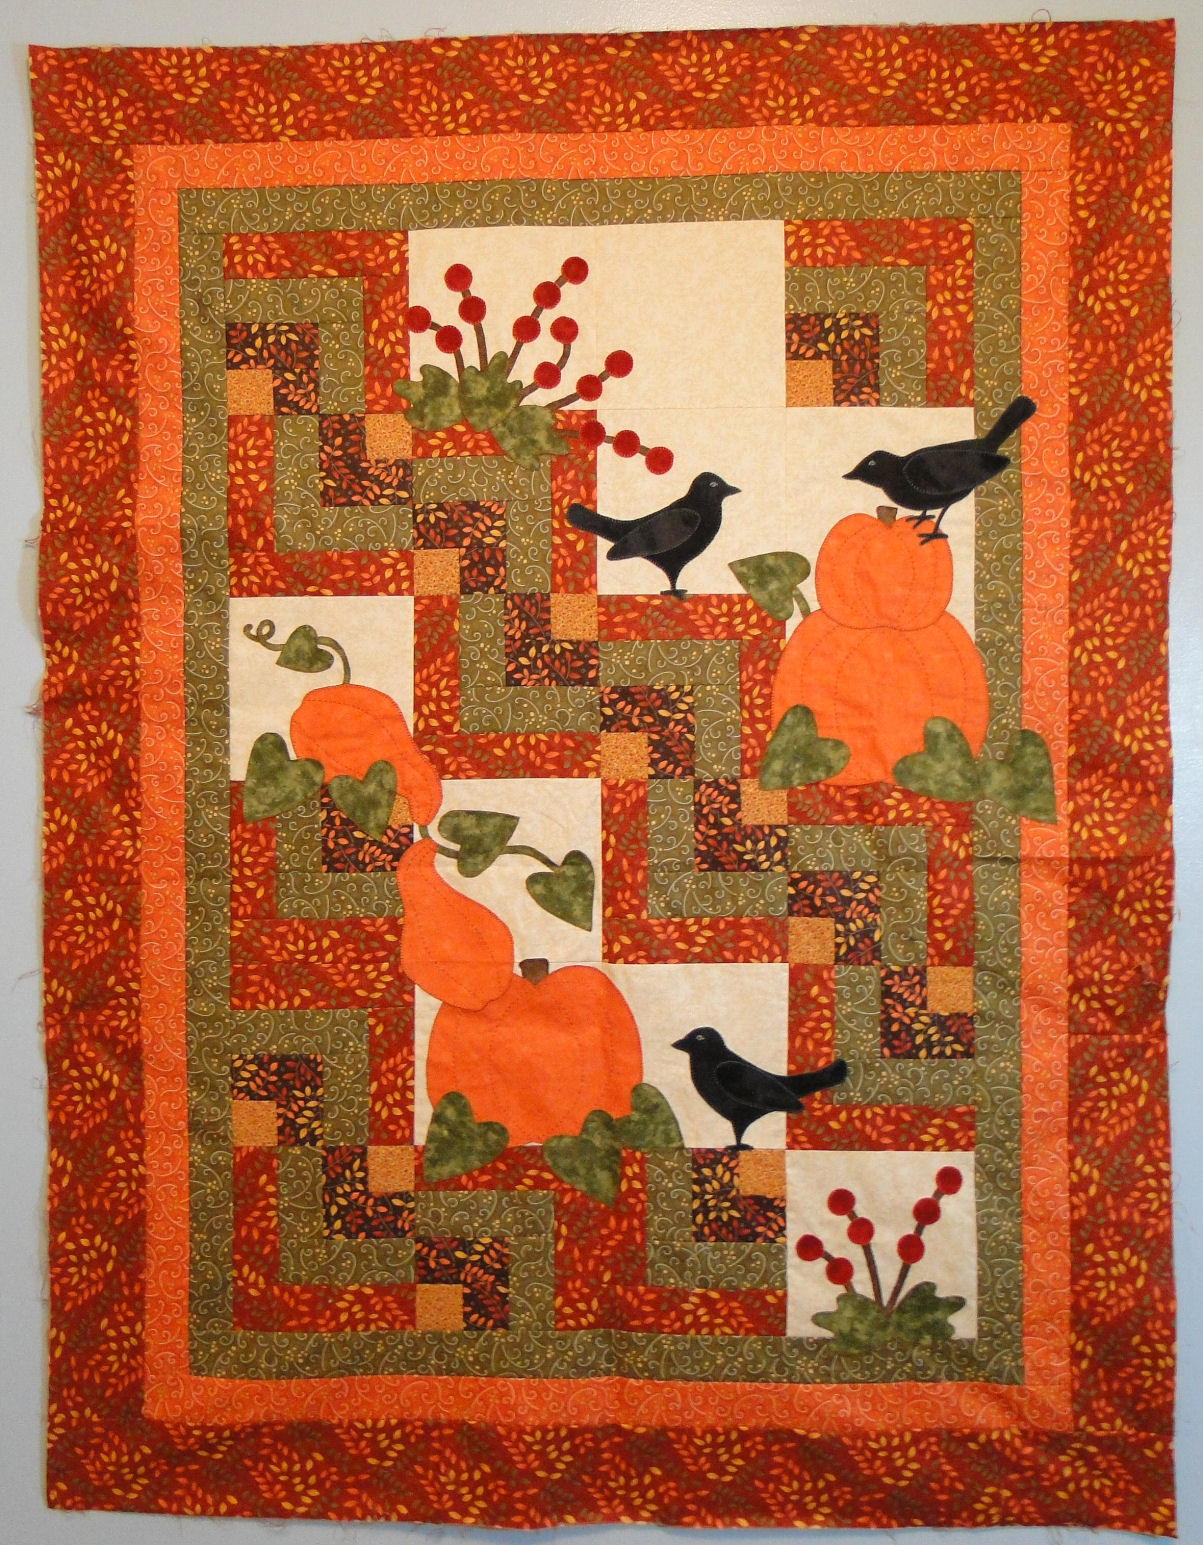 i quilt scarlet and gray pattern testing 101. Black Bedroom Furniture Sets. Home Design Ideas